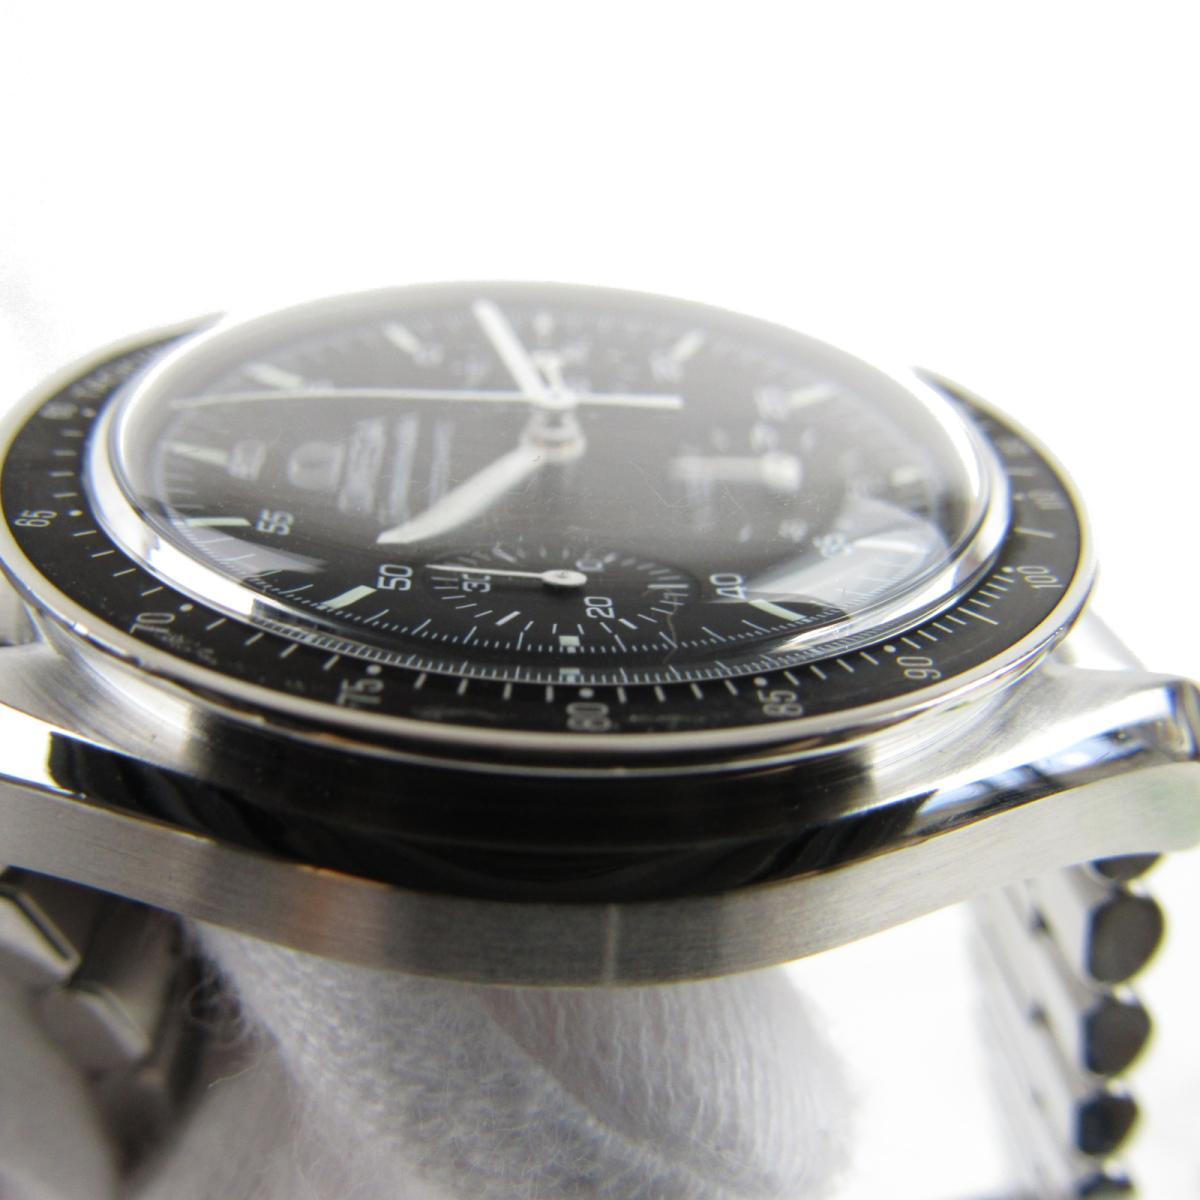 オメガ スピードマスター ウォッチ 腕時計 メンズ ステンレススチールSS3510 50OMEGA BRANDOFF ブランドオフ ブランド ブランド時計 ブランド腕時計 時計ID29HWYE